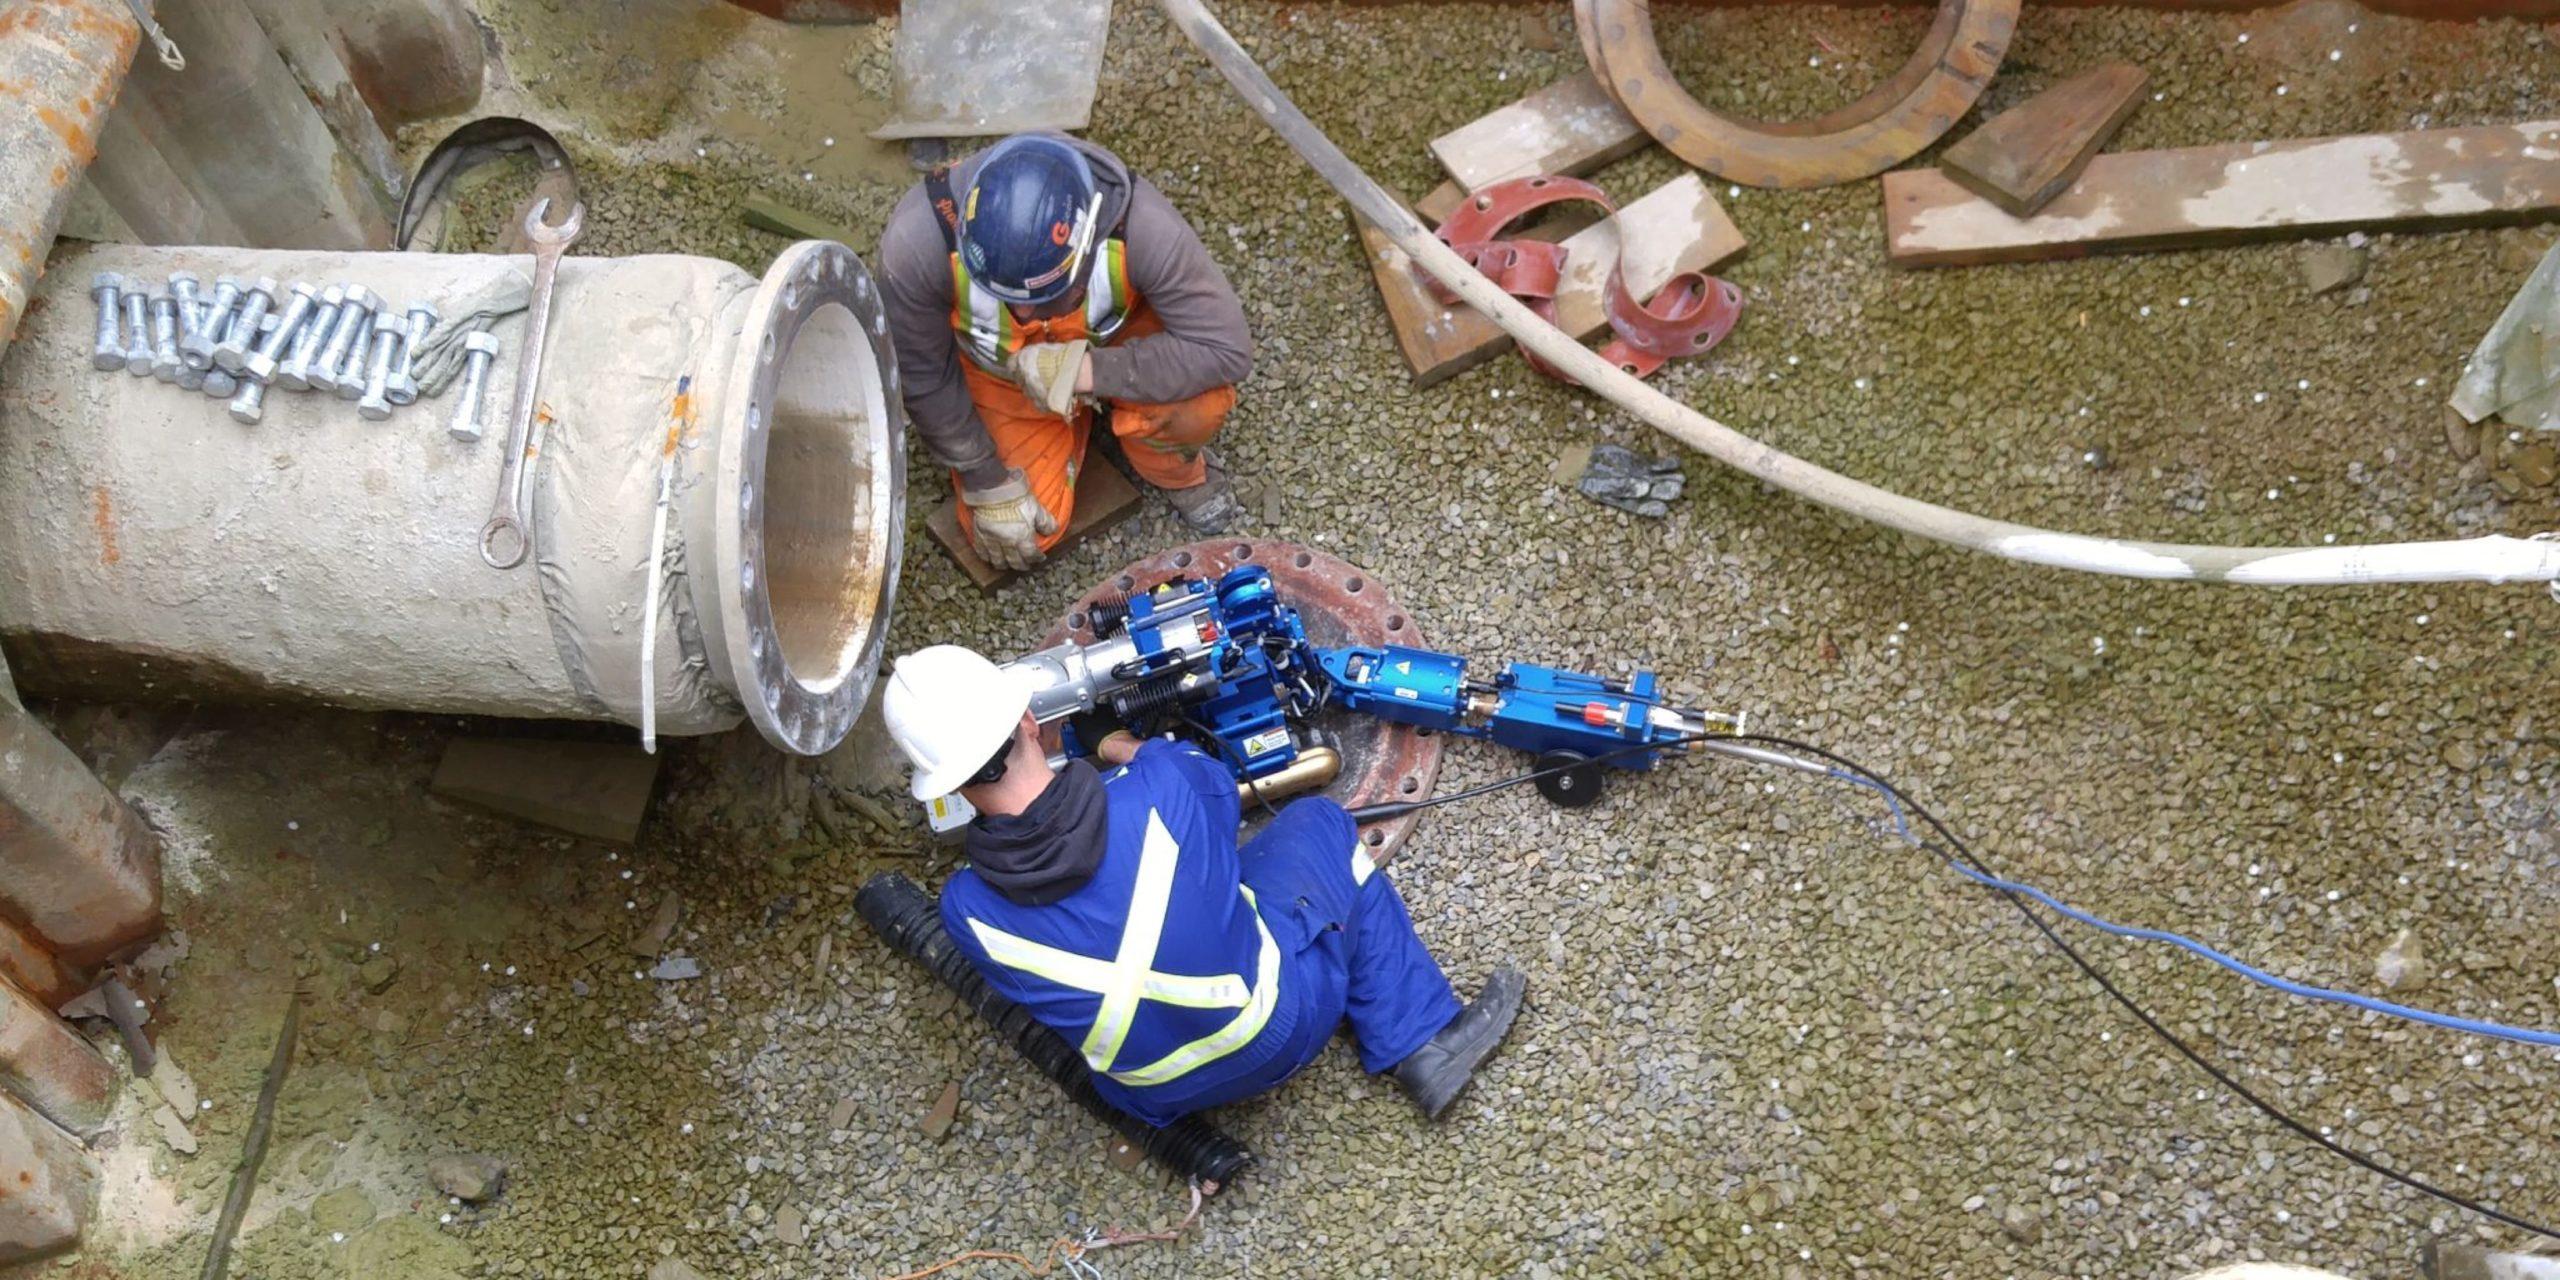 Eddyfi's Condition Pipeline Monitoring